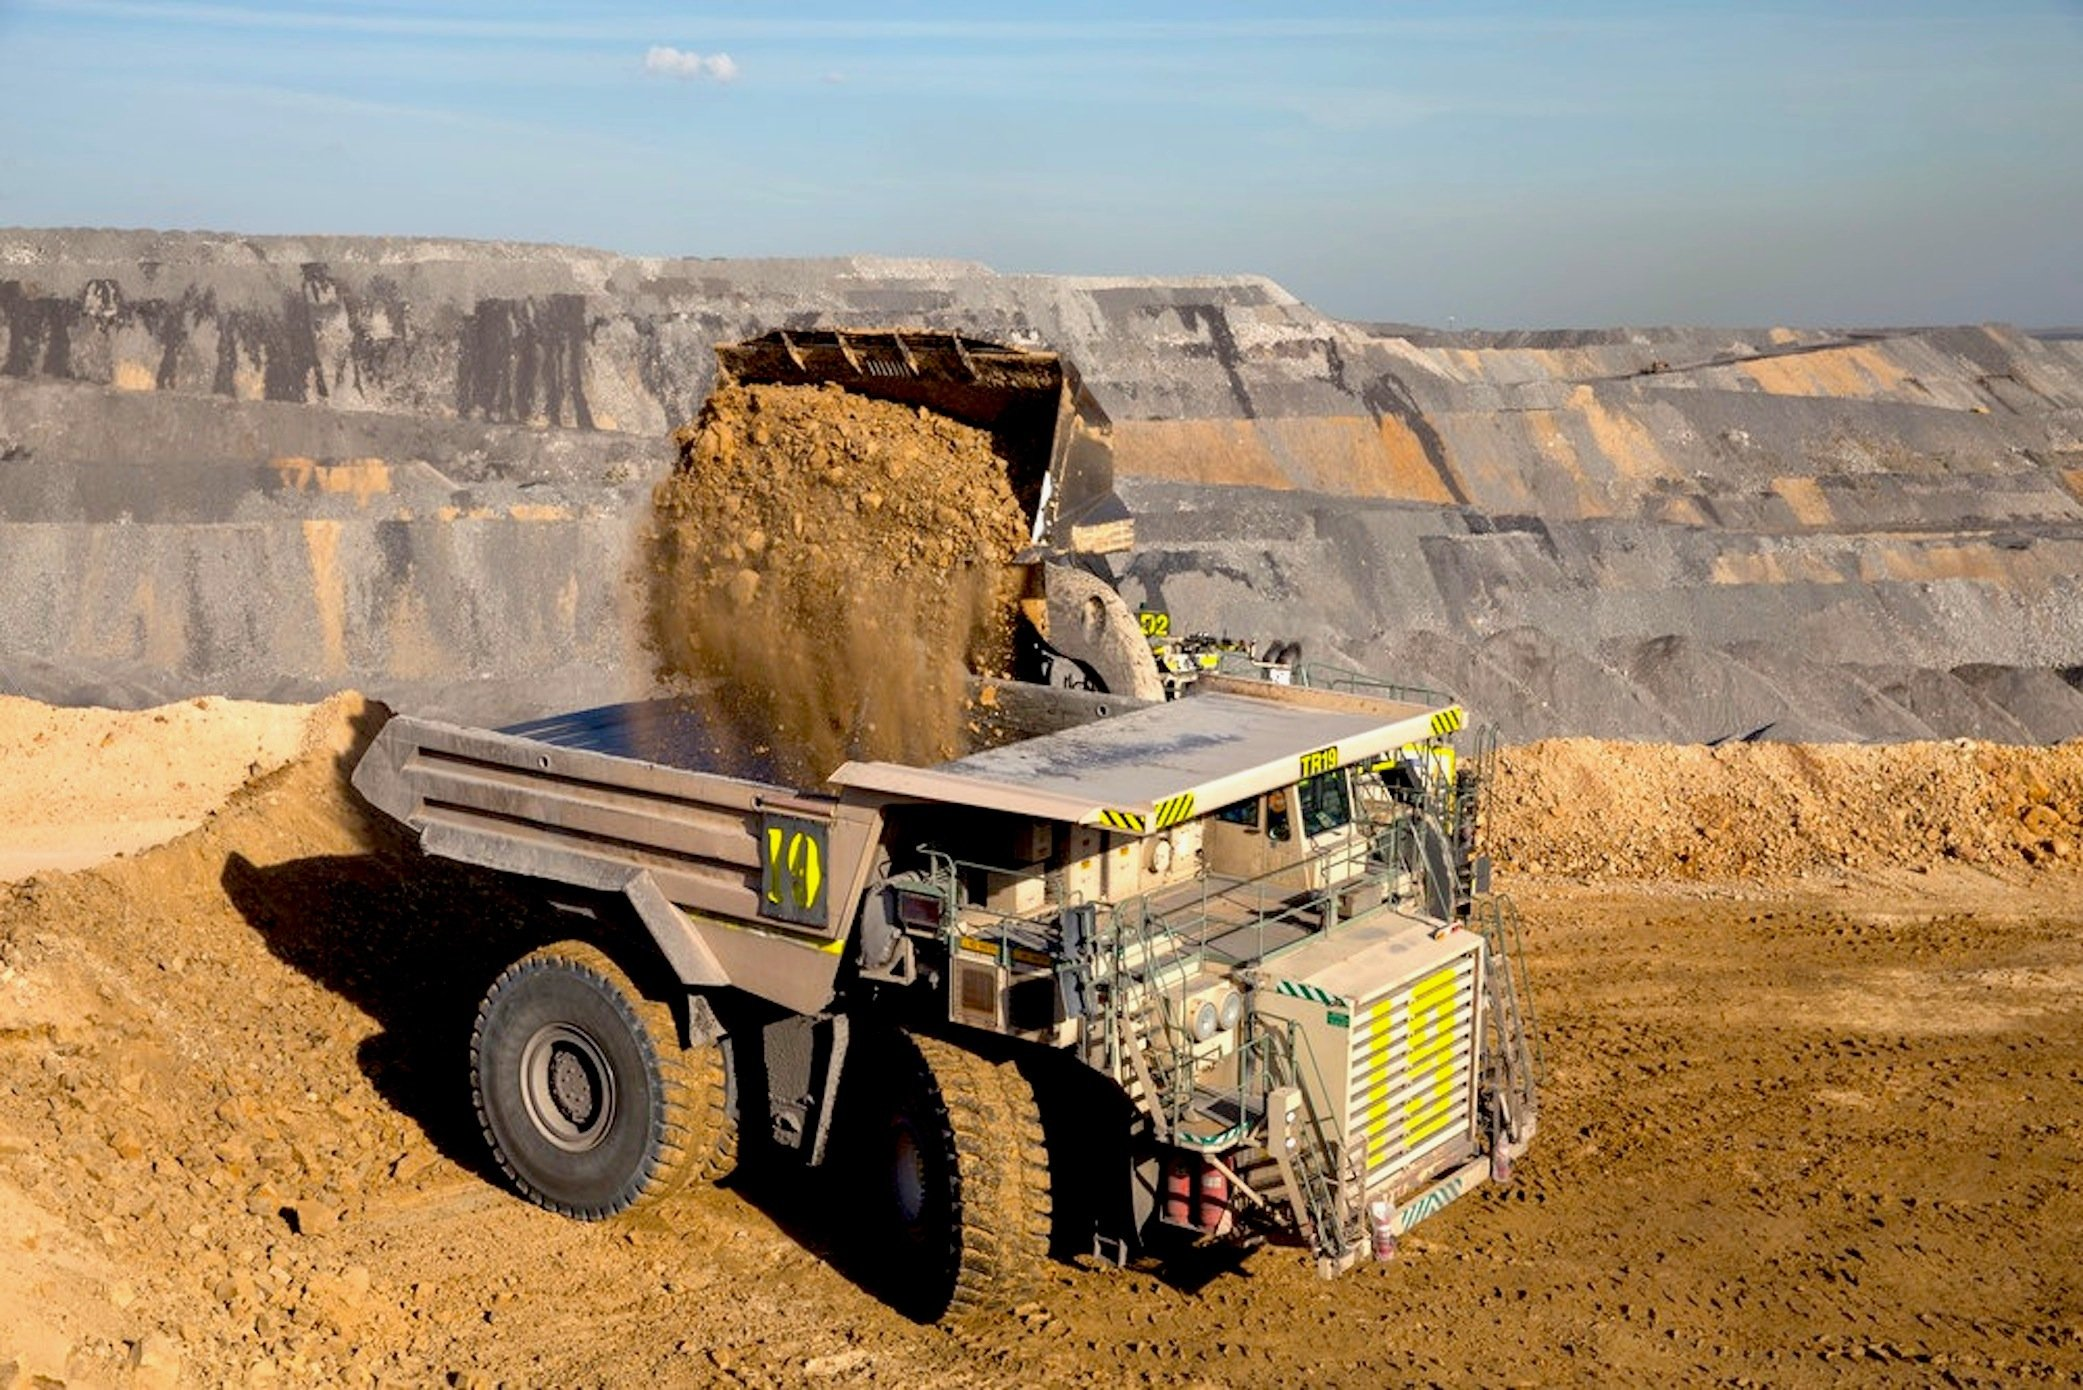 Noch sind die meisten Trucks im Bergbau mit Fahrer unterwegs. Doch der Bergbaukonzern Rio Tinto hat jetzt die ersten beiden Erzminen auf fahrerlosen Betrieb umgestellt.